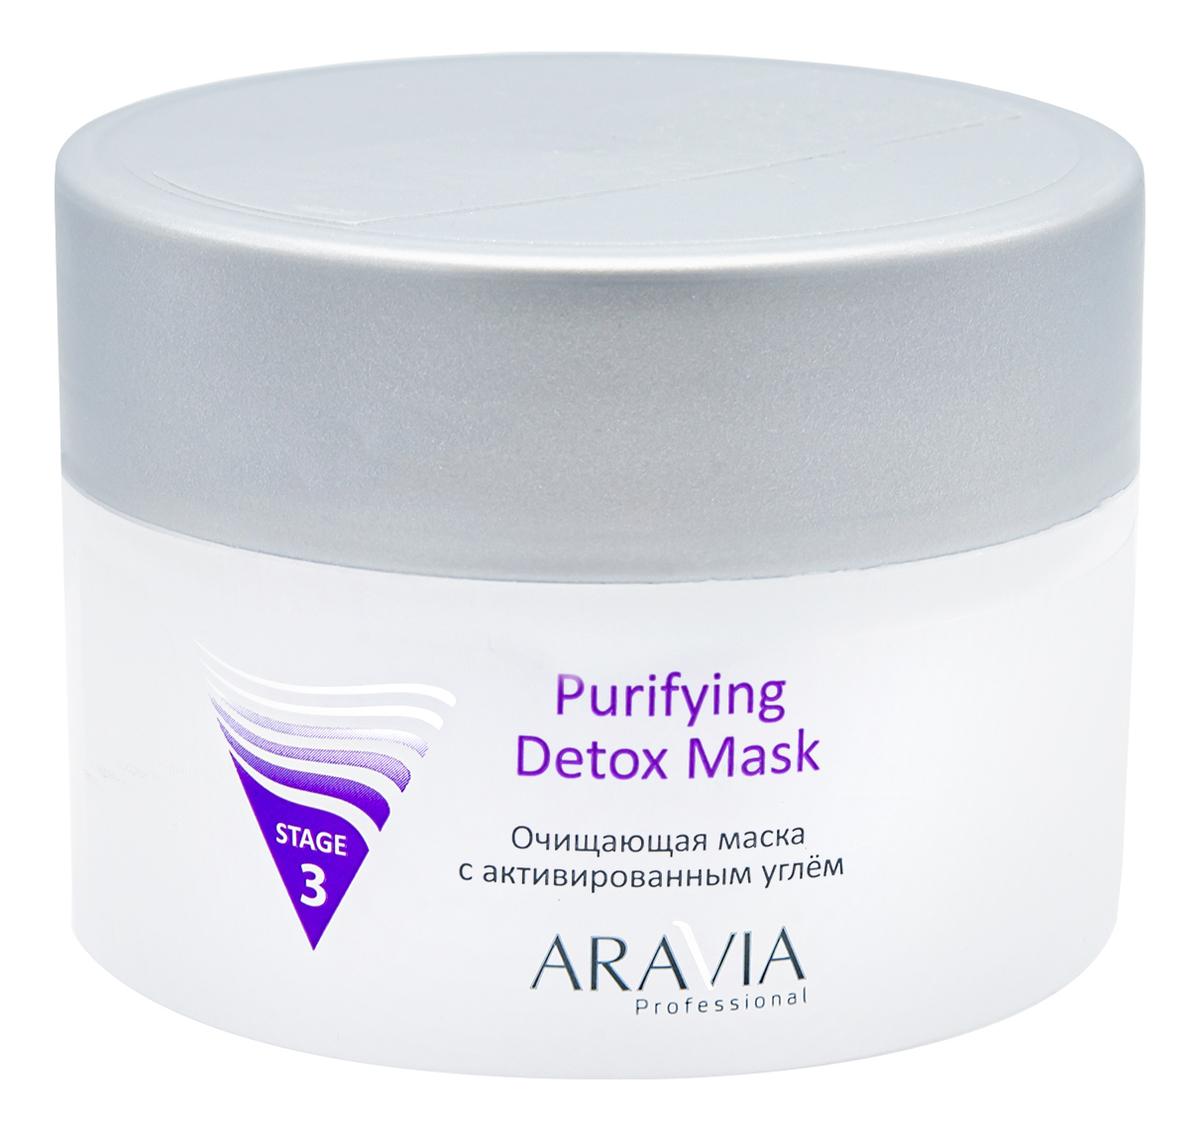 Очищающая маска для лица с активированным углем Professional Purifying Detox Mask Stage 3 150мл недорого